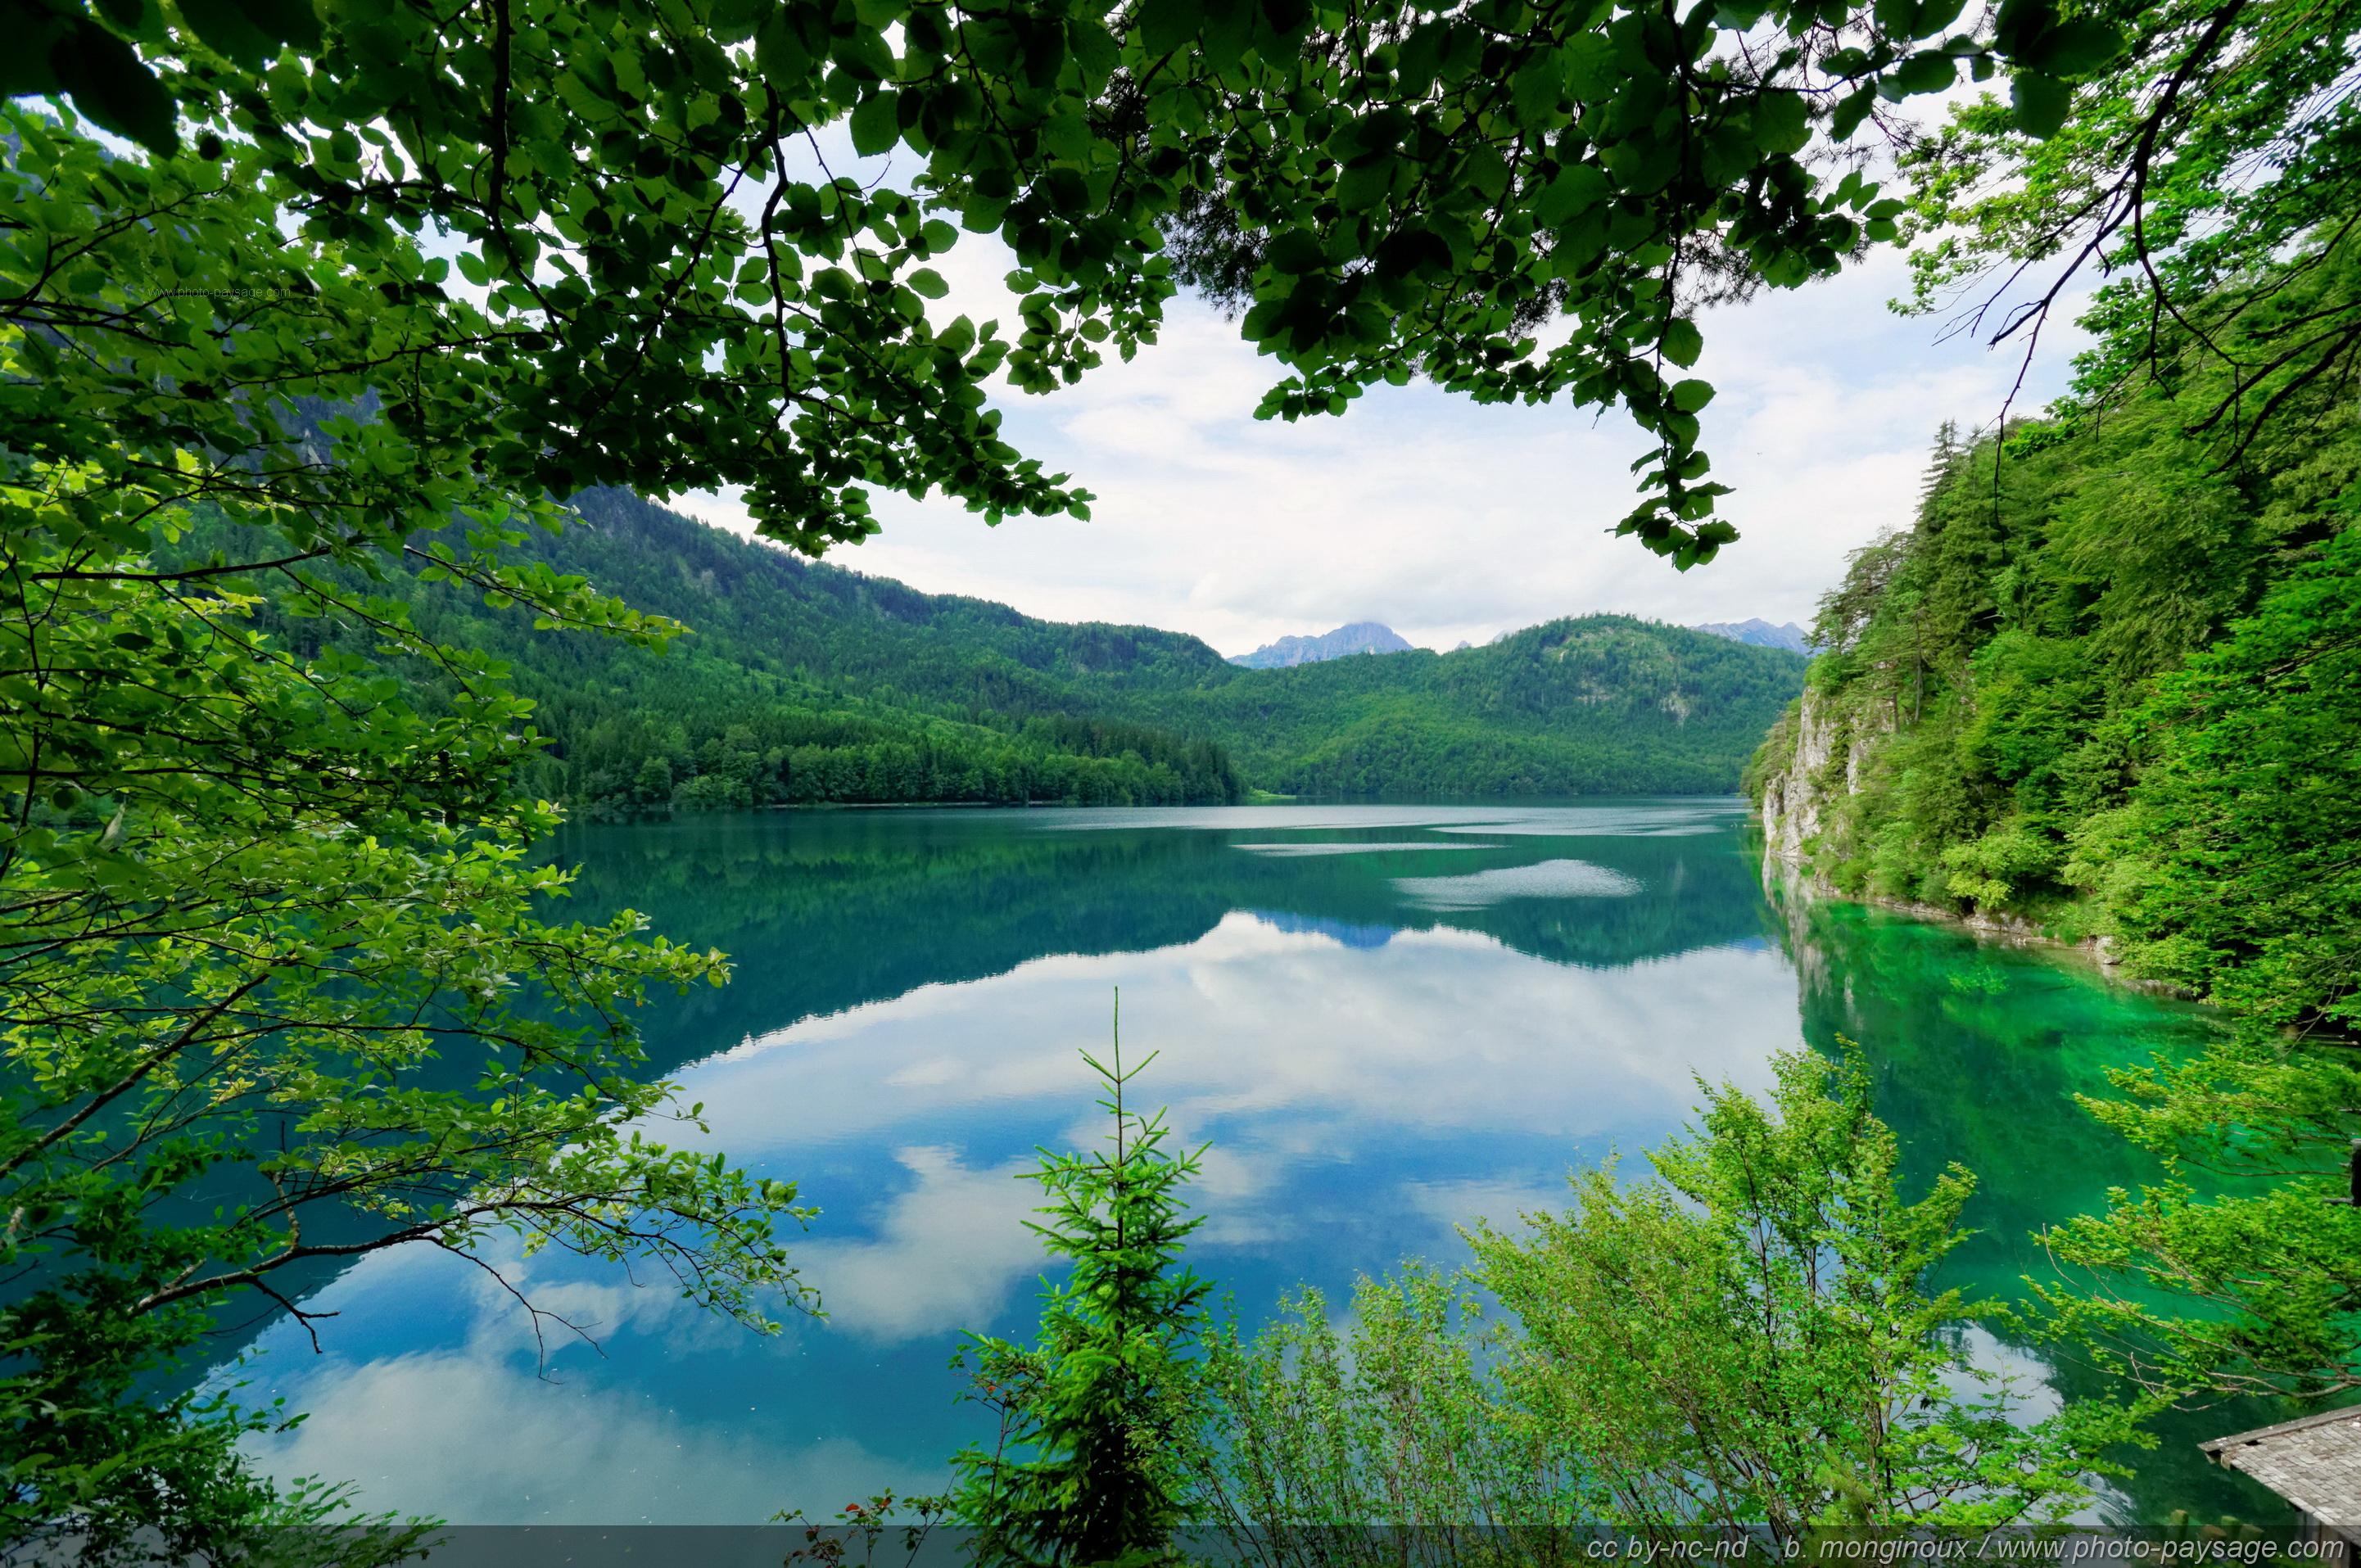 Les Dernieres Images Vues Par Les Visiteurs De Photo Paysage Com